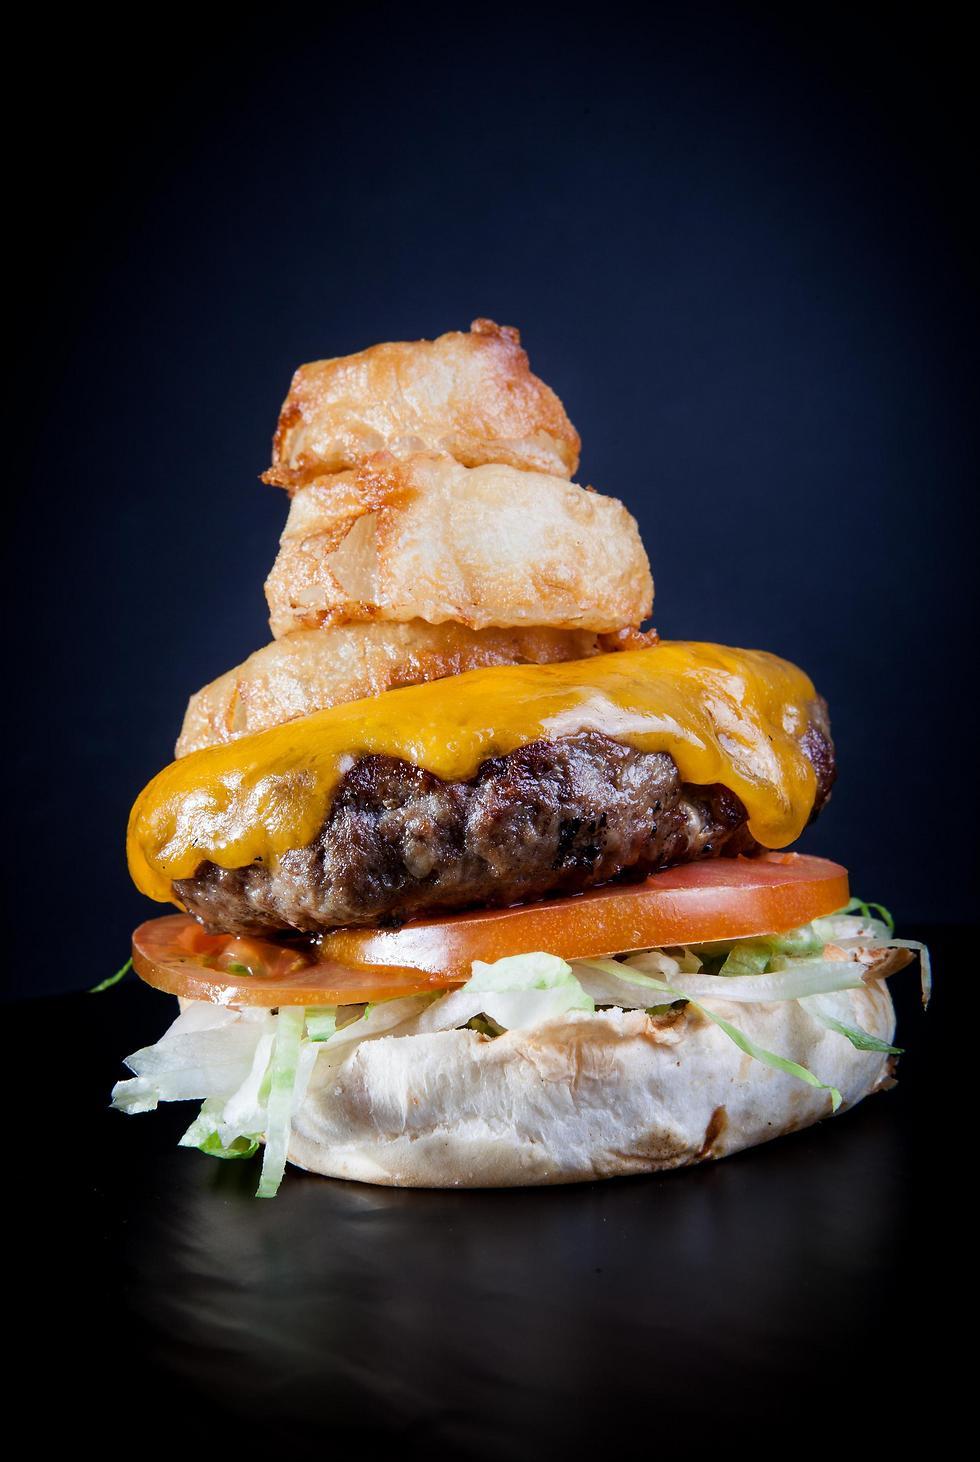 גורדוס - המבורגר מייק קרטר (צילום: ליאור גולסאד) (צילום: ליאור גולסאד)